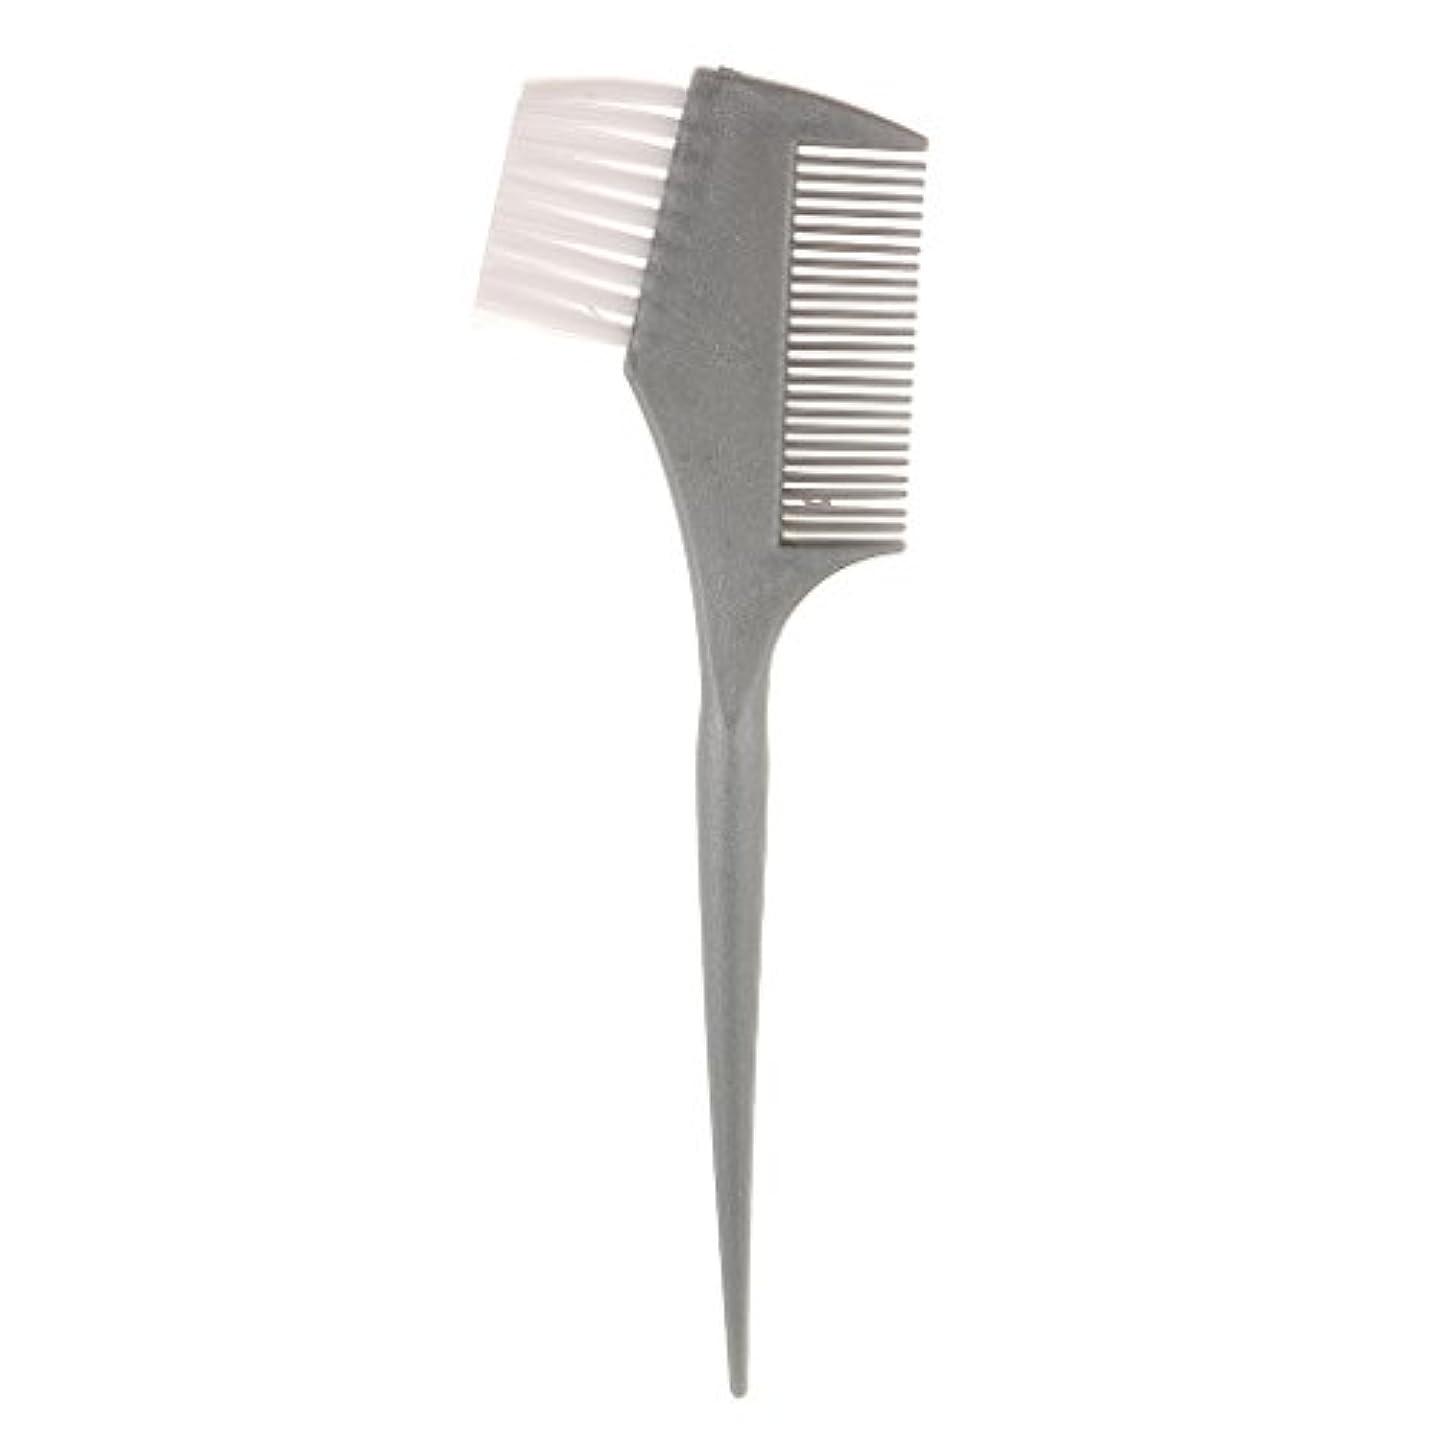 具体的にからかうベルベットヘアダイコーム ヘアカラーコーム ヘアダイブラシ 髪染め ヘアカラー アクセサリー